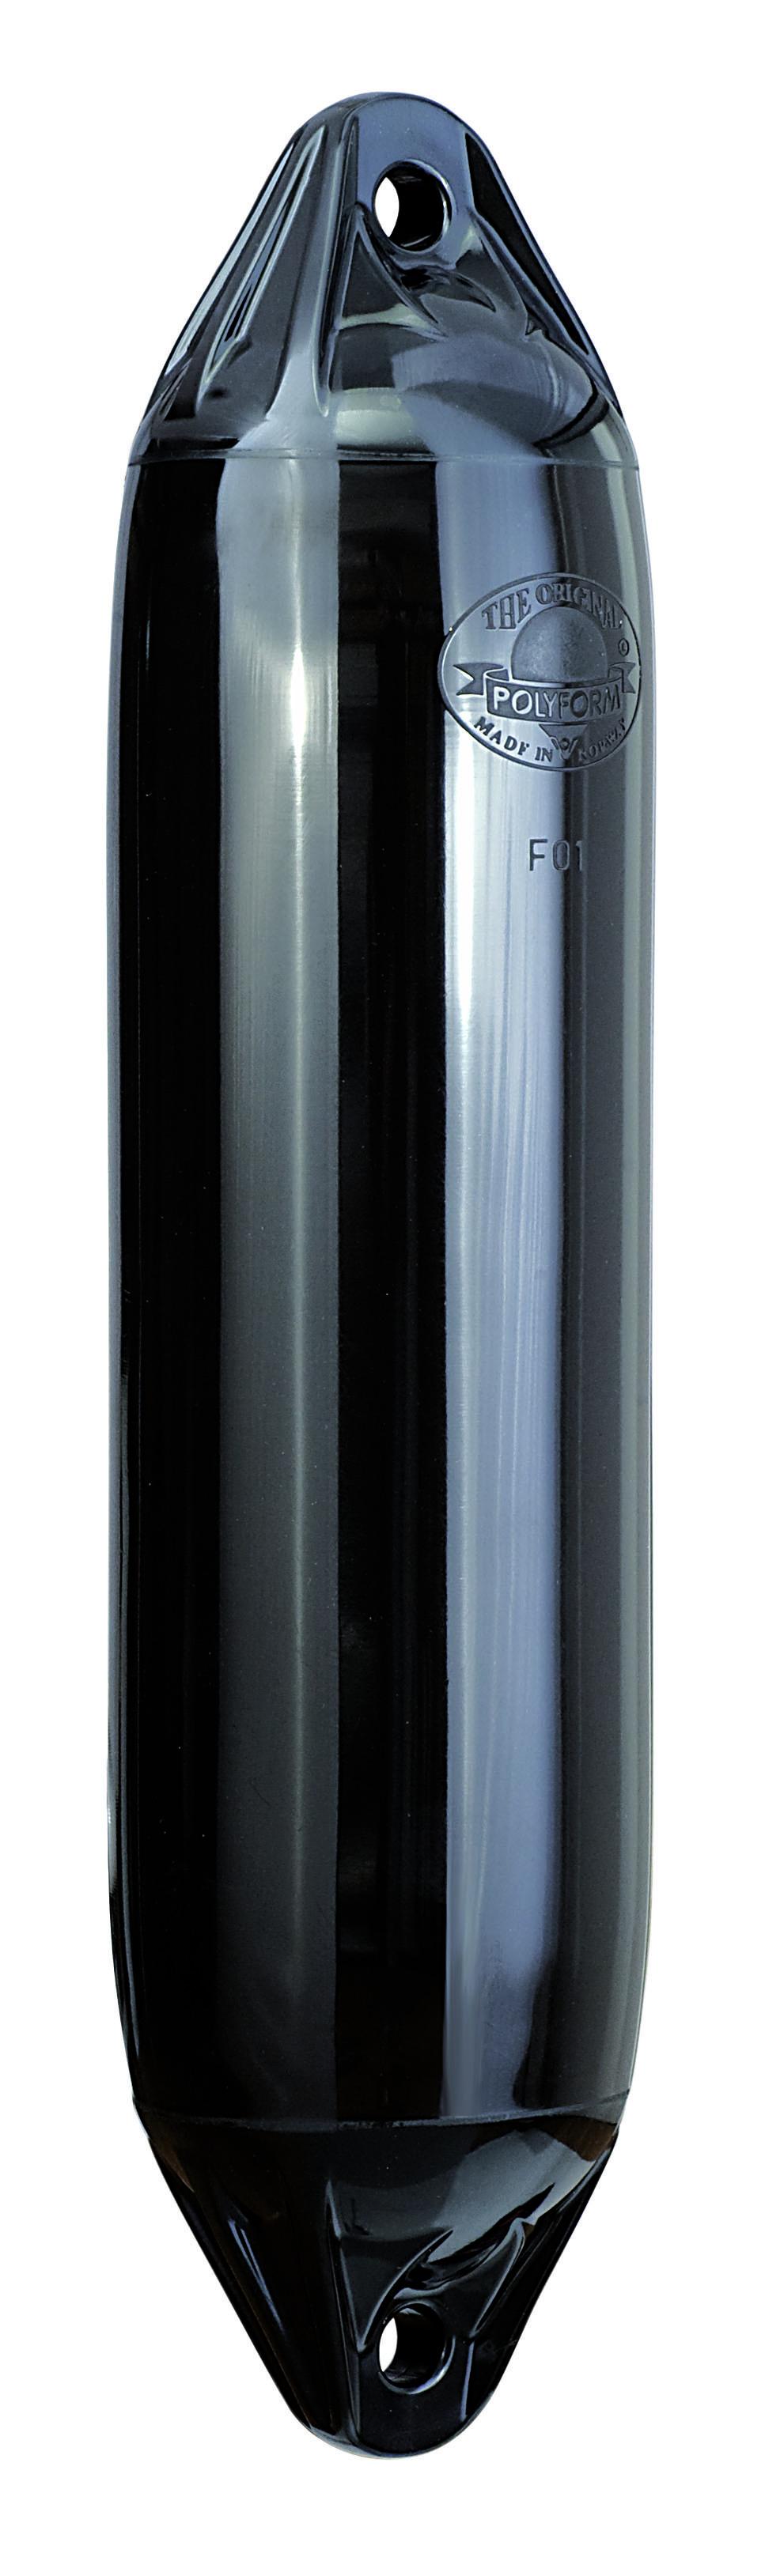 25.72 - Μπαλόνι Τύπου F-1 POLYFORM 15x61cm Με Διπλό Μάτι Χρώμα Μαύρο